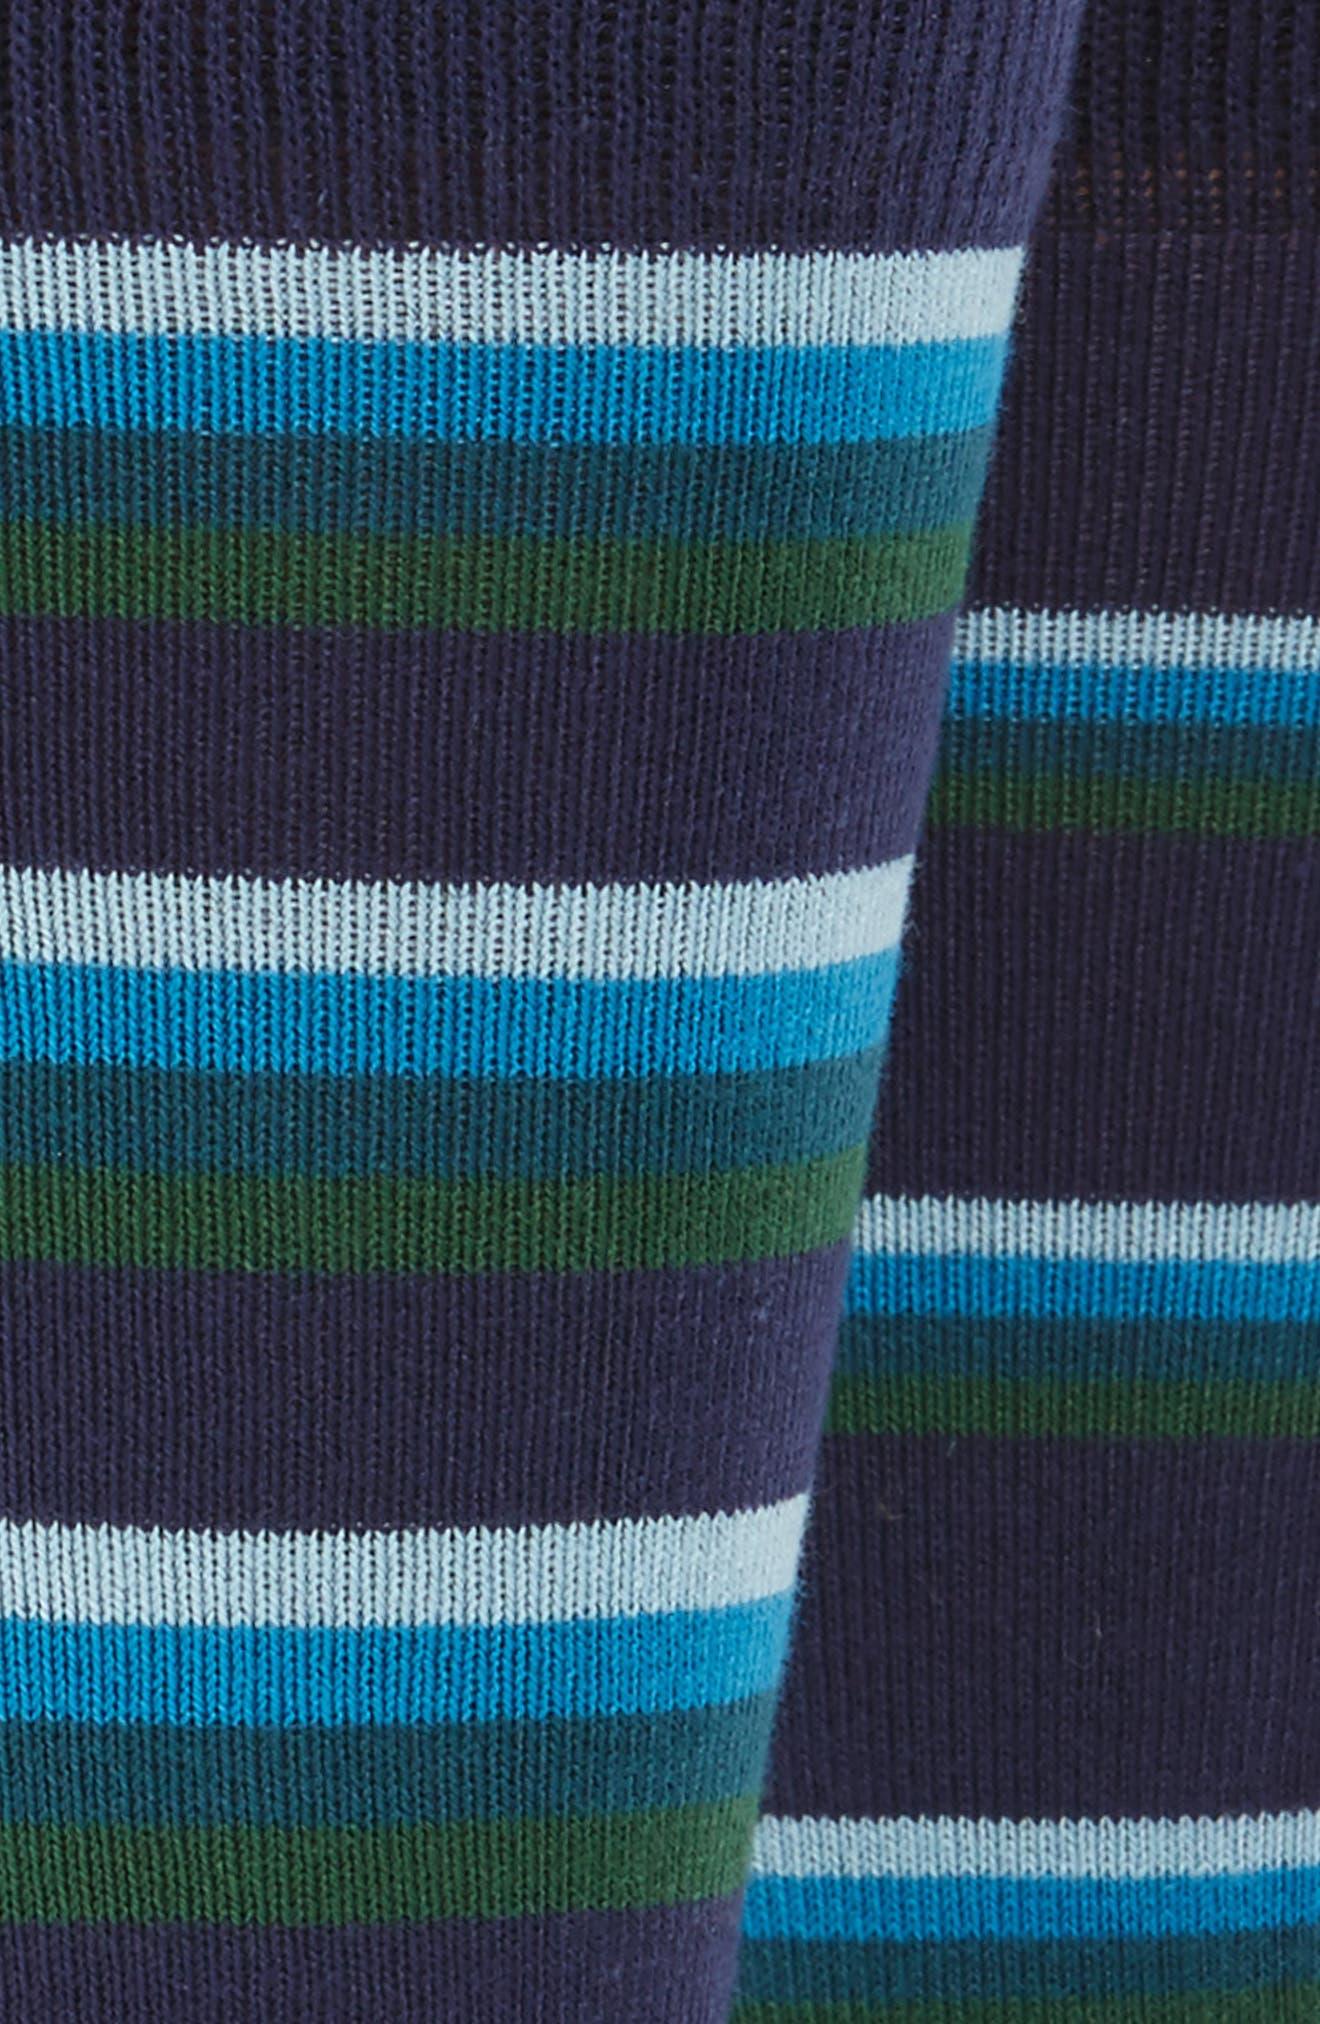 Stripe Socks,                             Alternate thumbnail 2, color,                             Blue/ Green